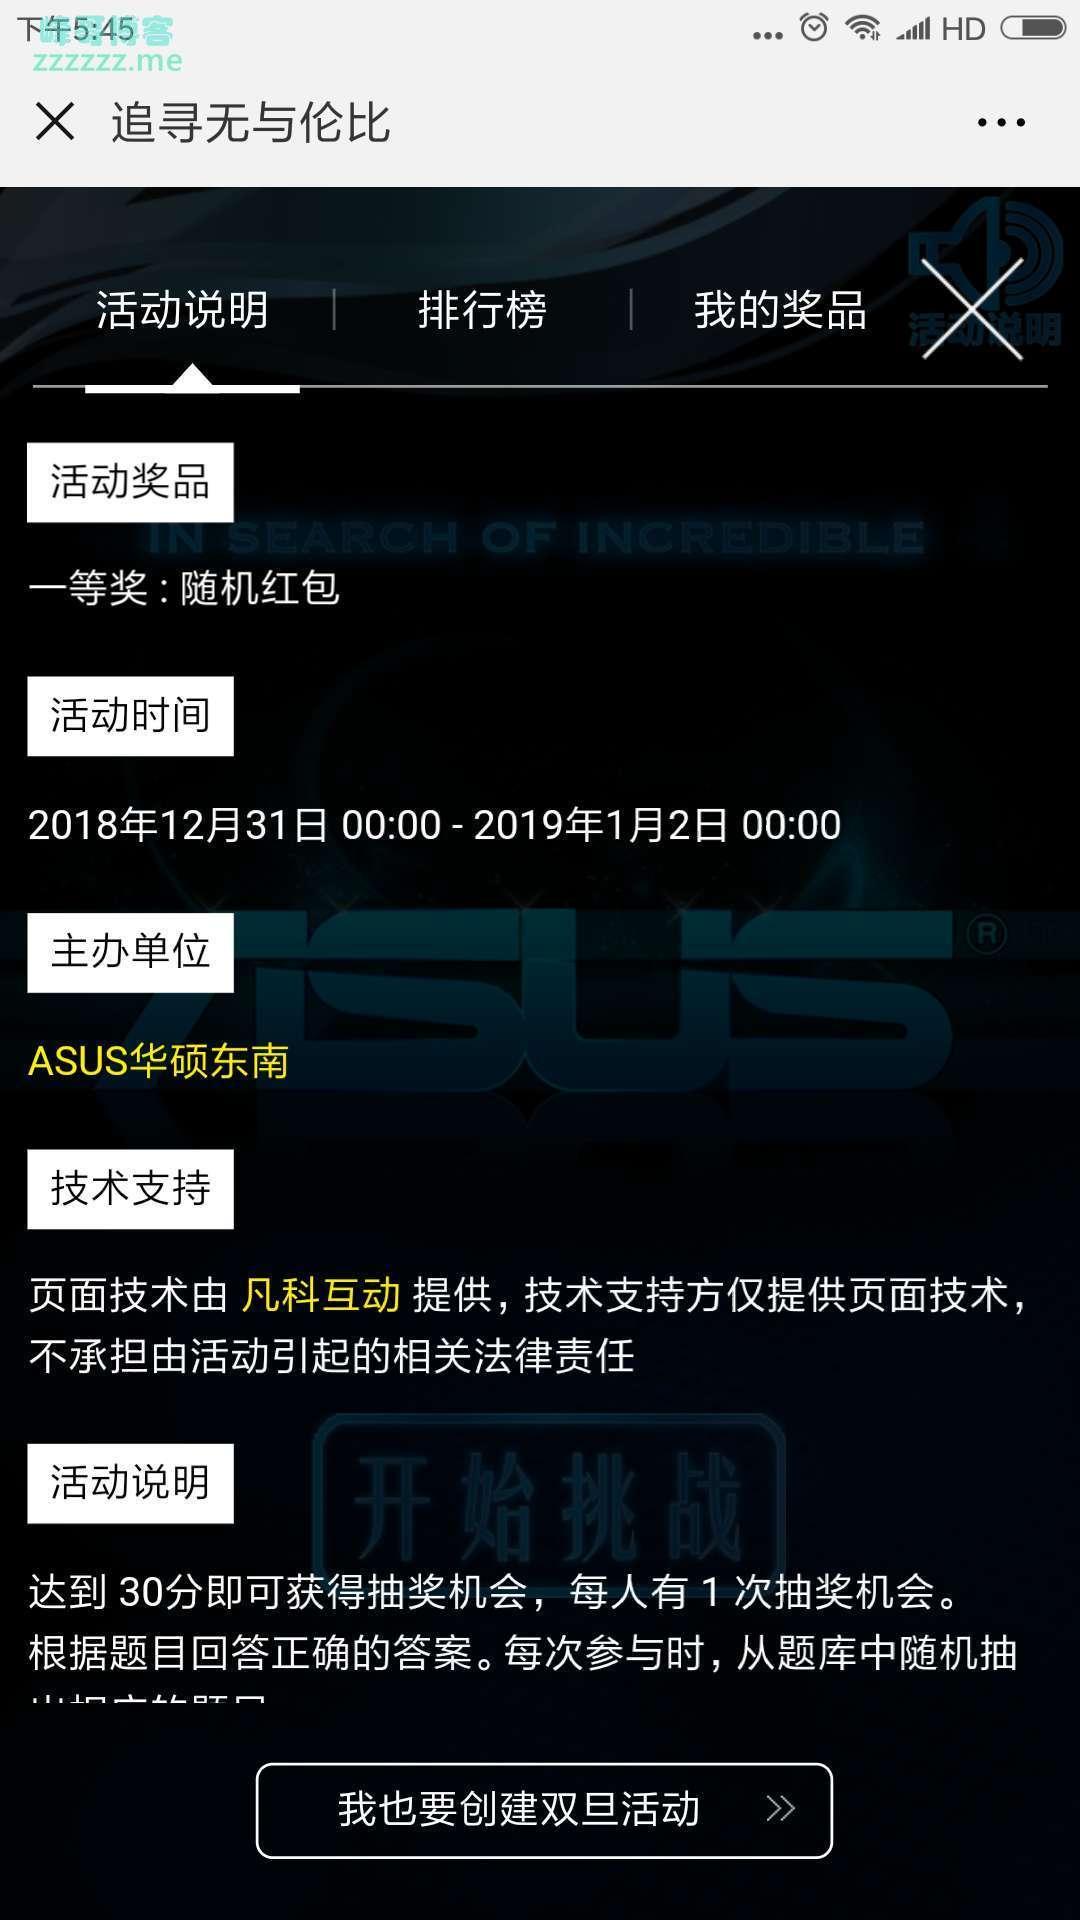 <ASUS华硕东南>华硕福袋(截至1月2日)